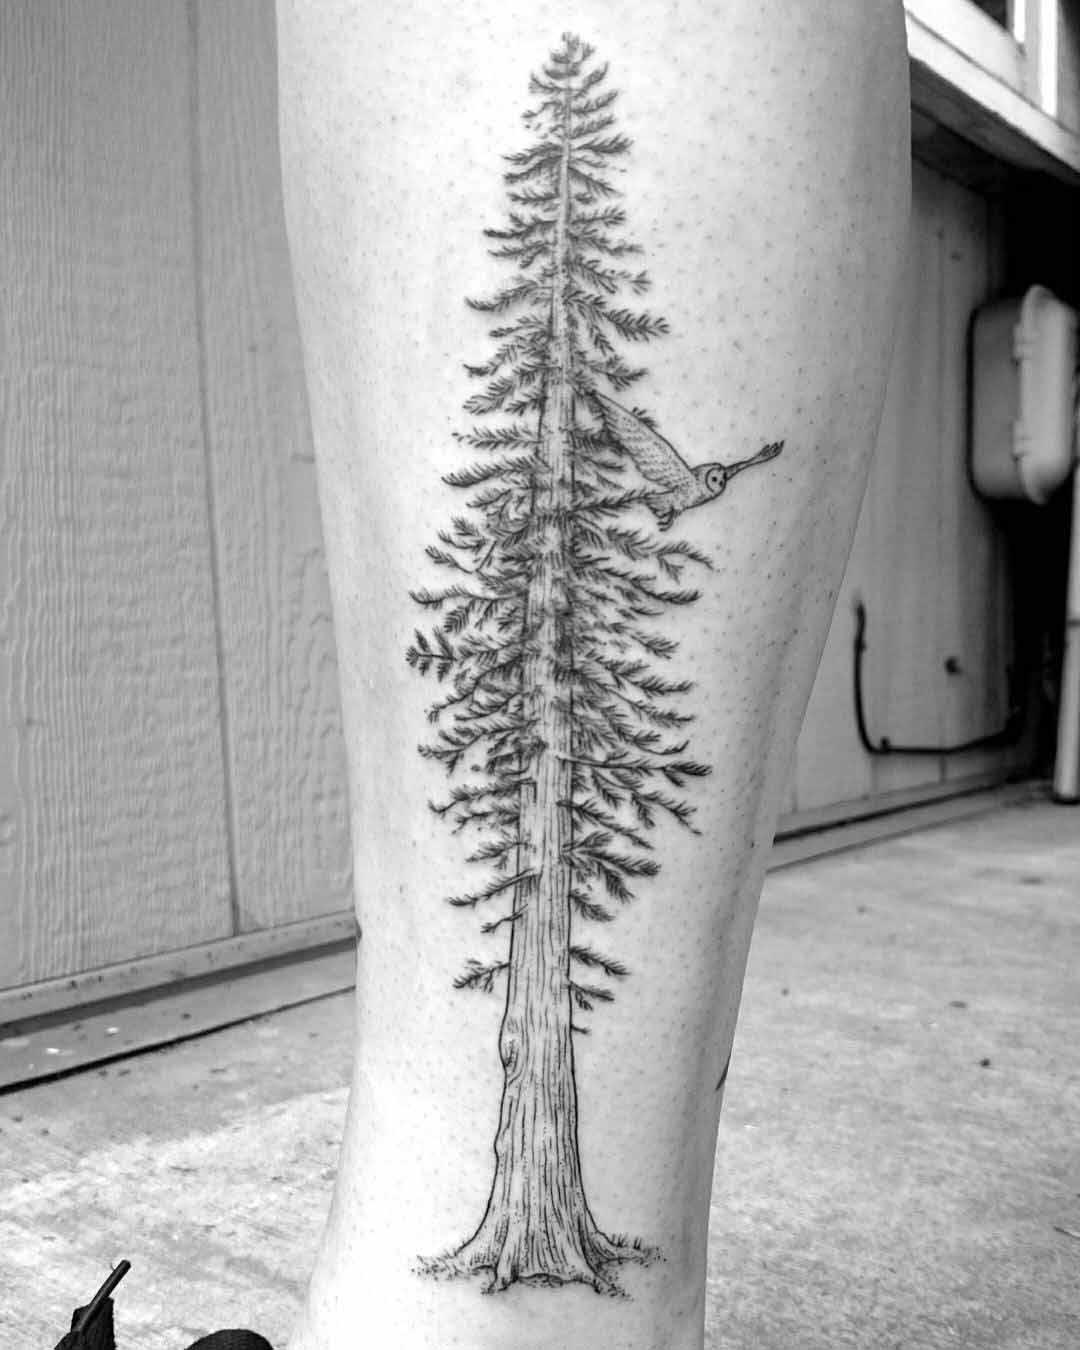 Shin Tattoo Tree by caspercallawaytattoo